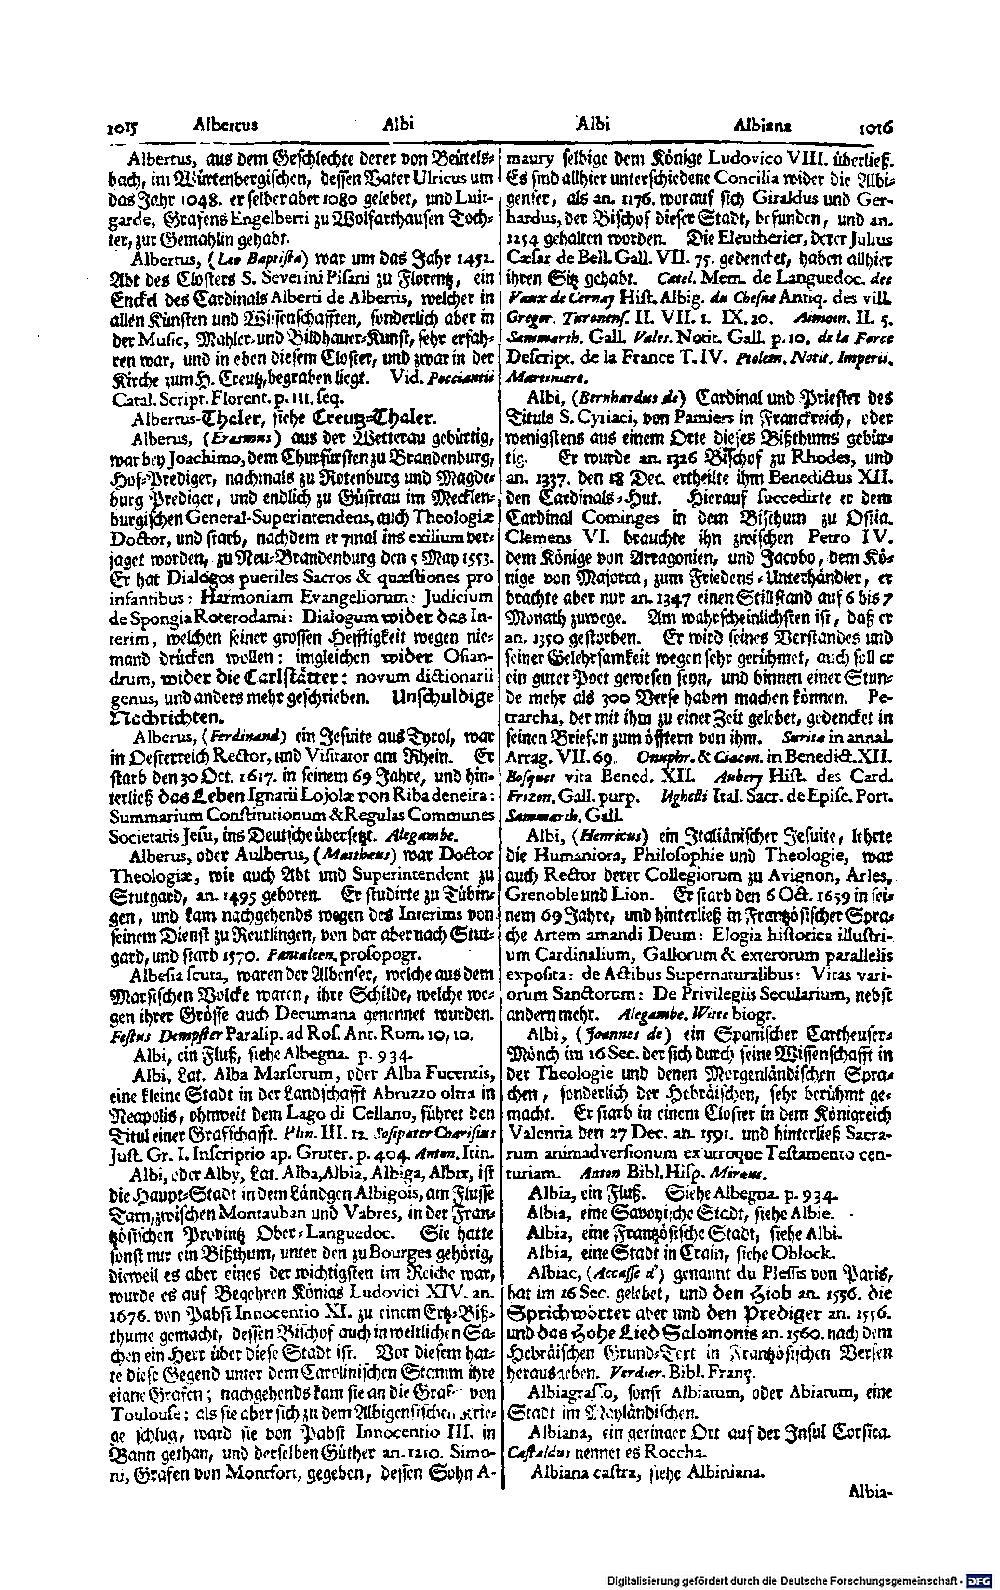 Bd. 01, Seite 0547.